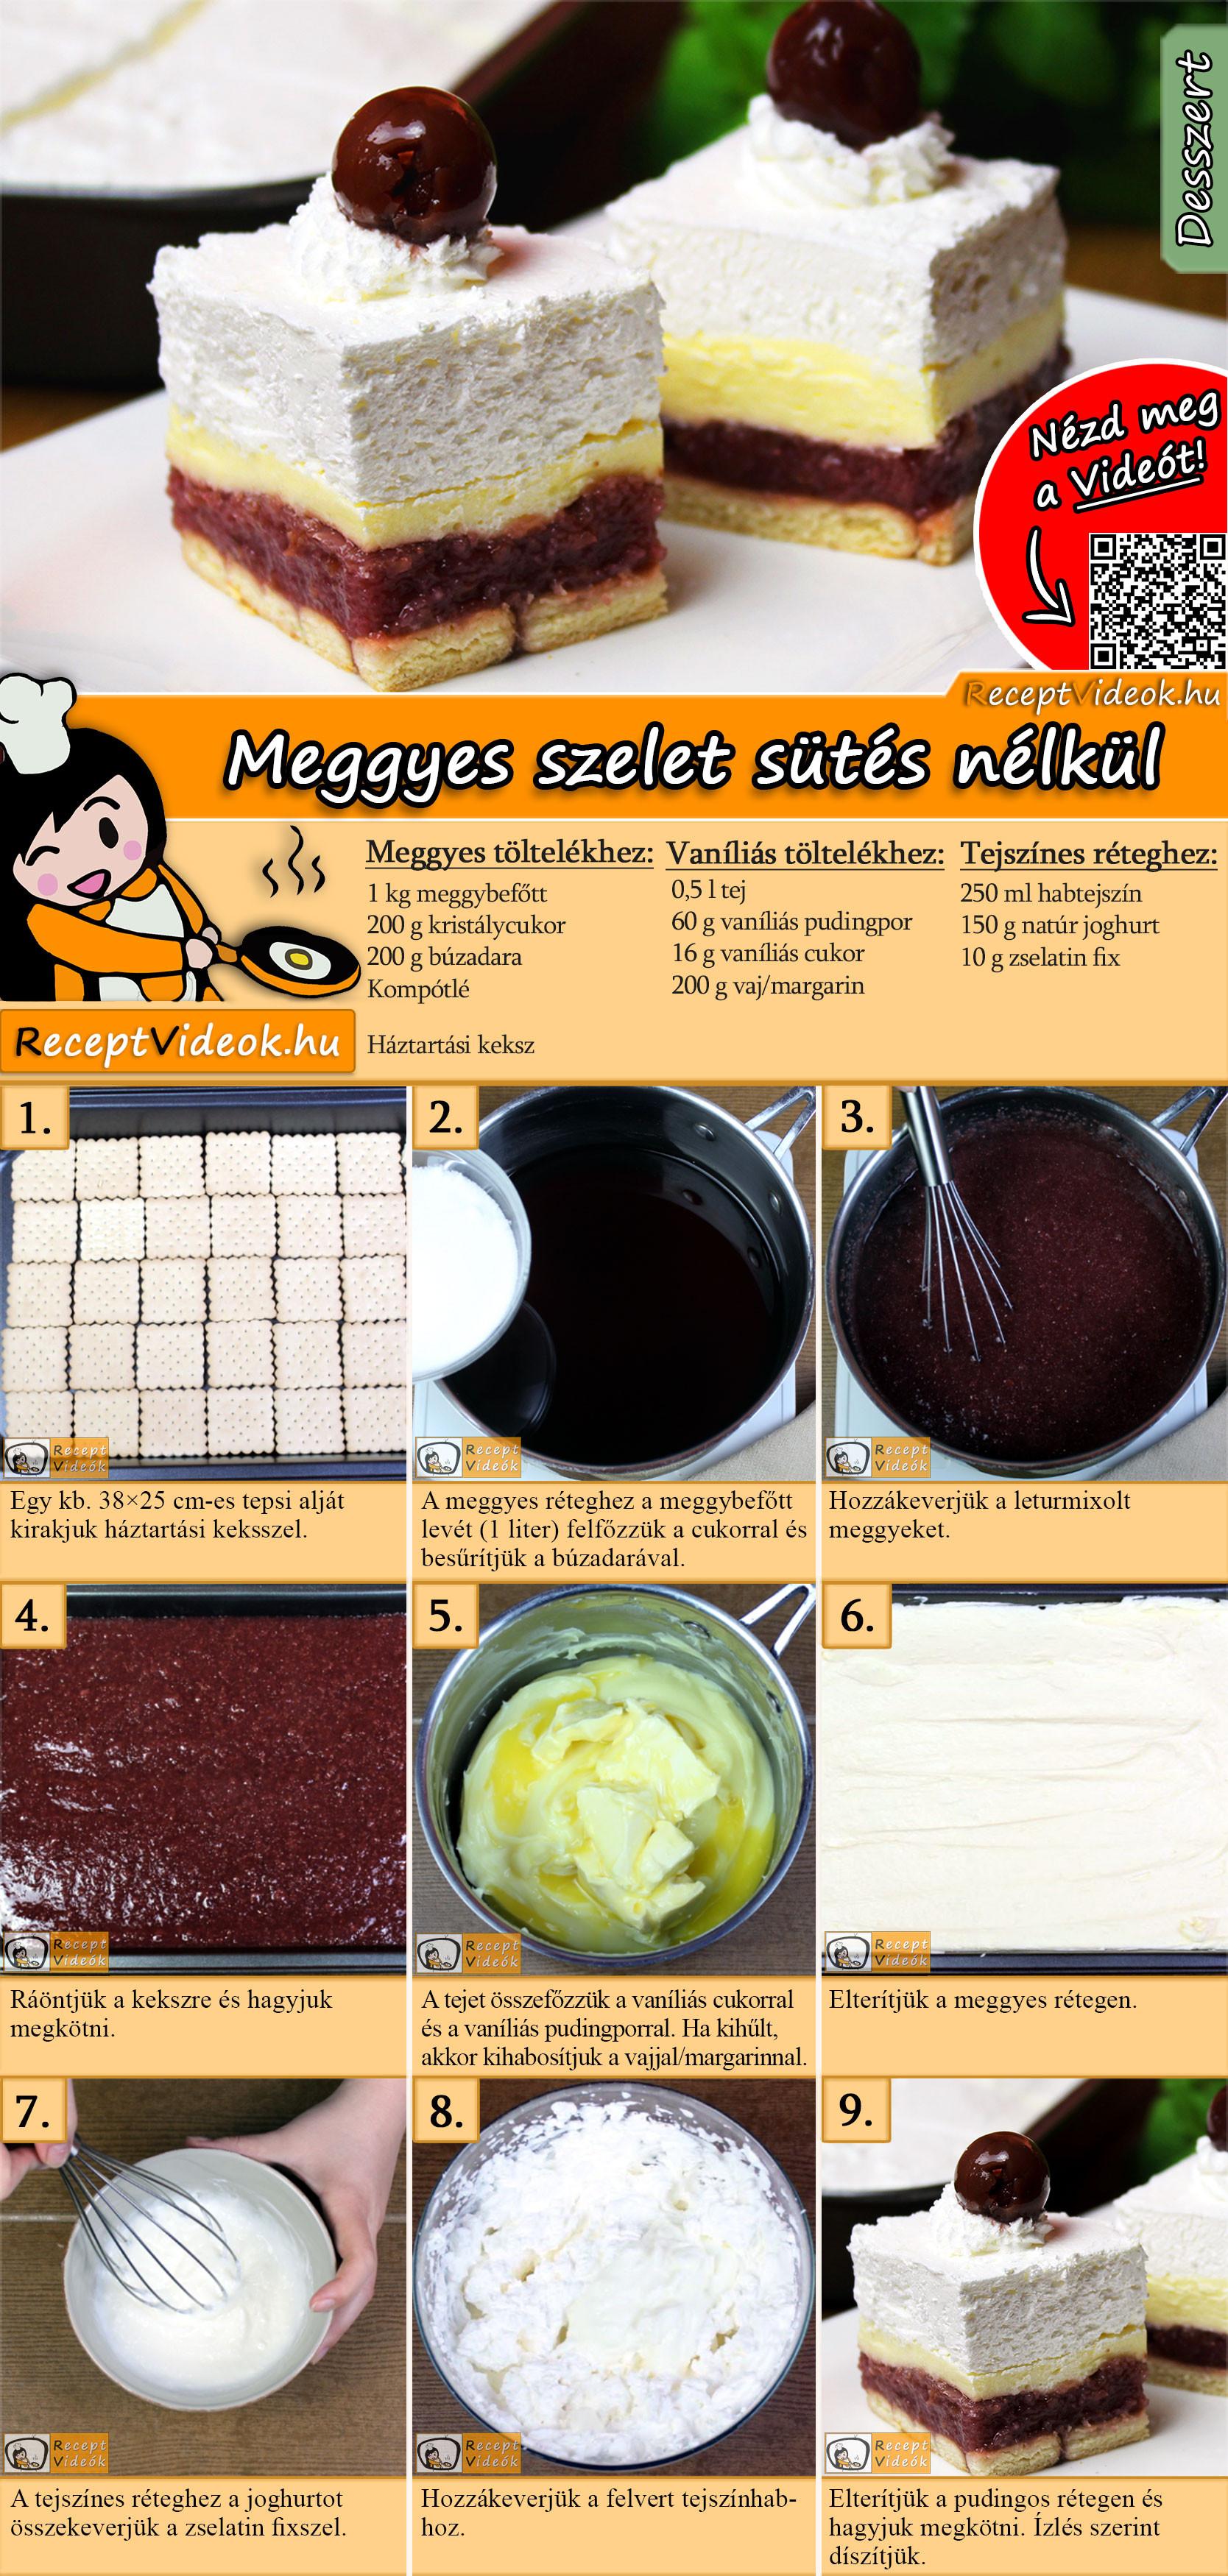 Meggyes szelet sütés nélkül recept elkészítése videóval